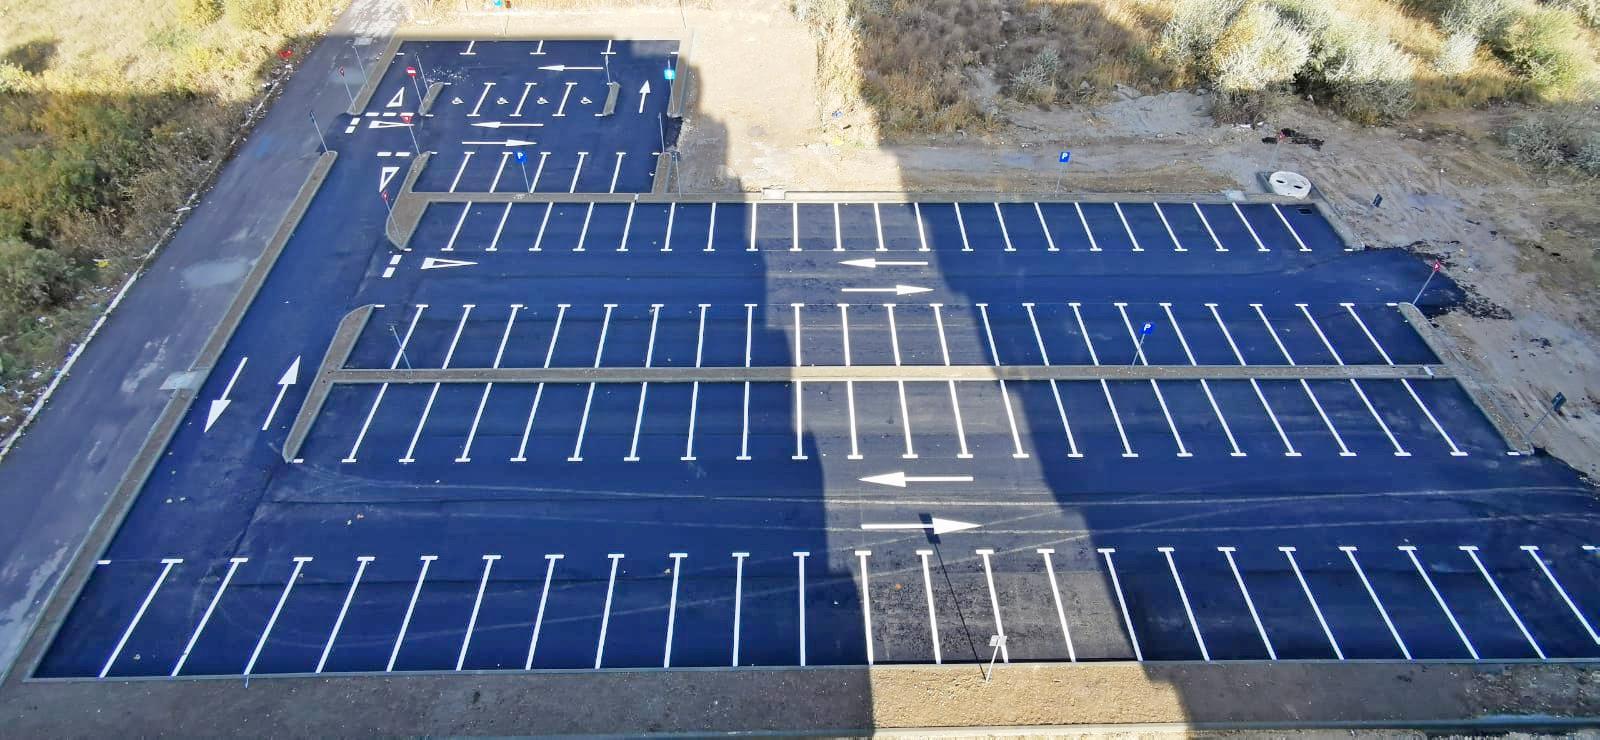 parcare 6